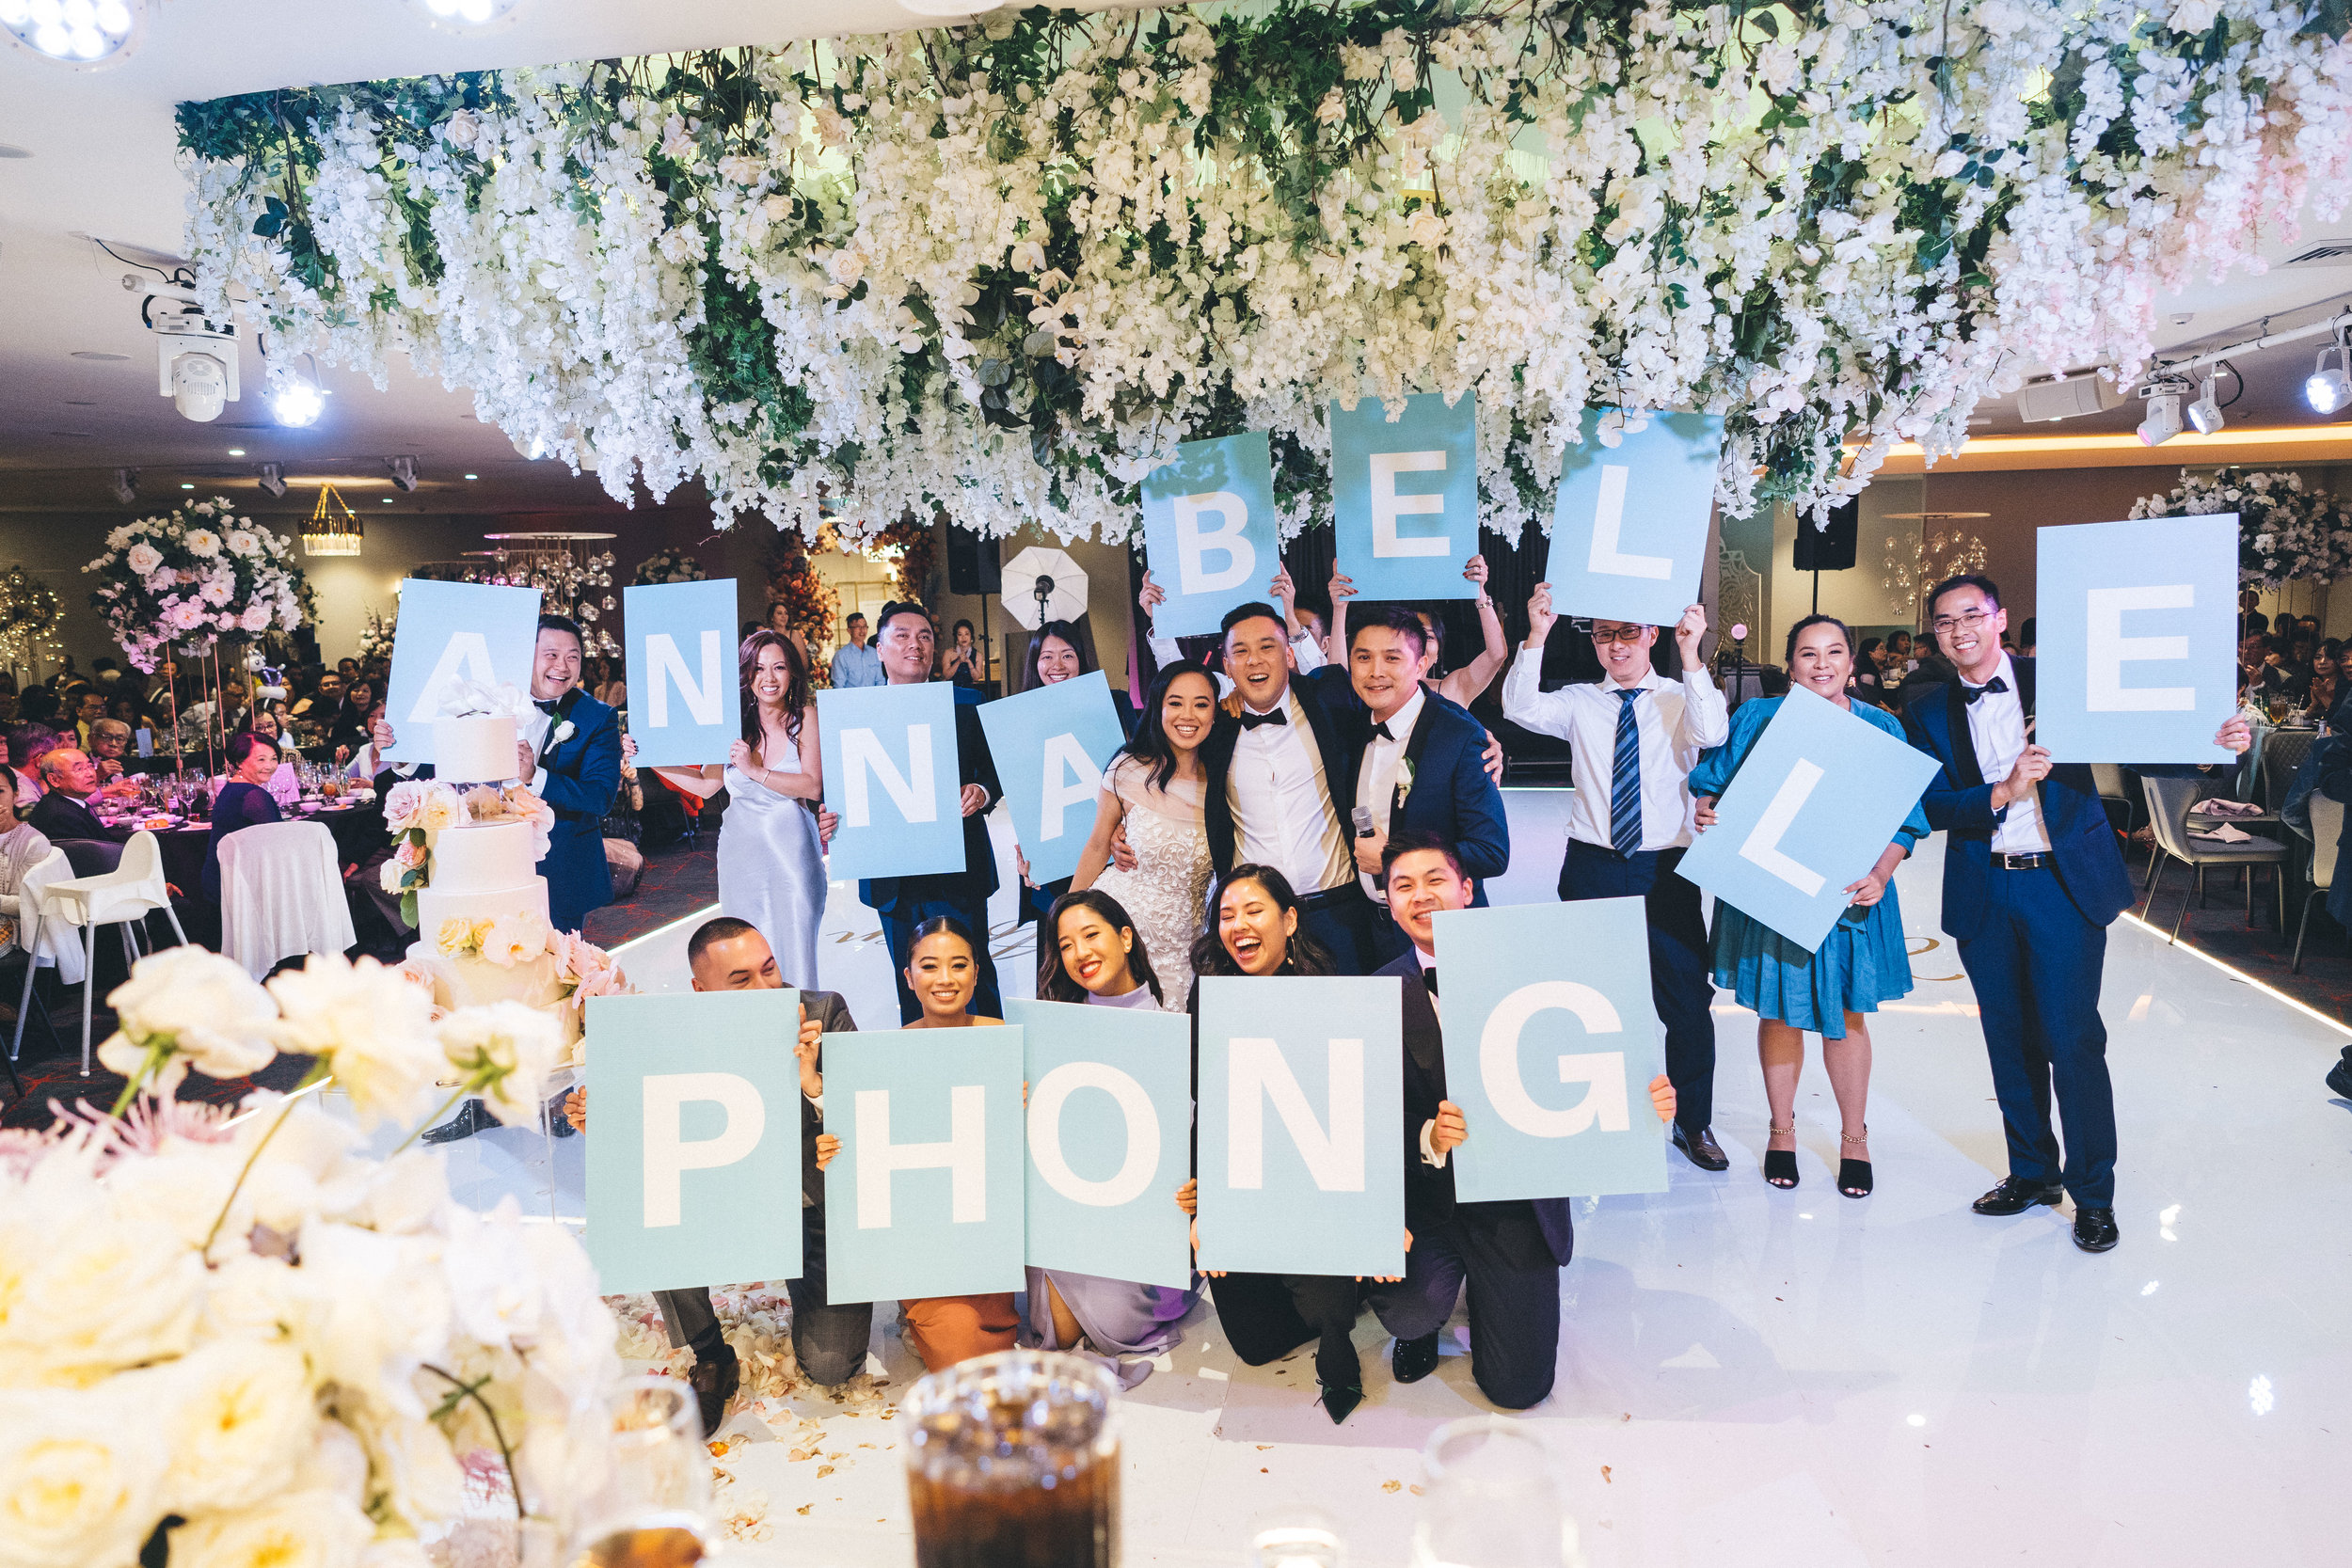 Annabelle-Phong-Wedding-HI-RES-0819.jpg